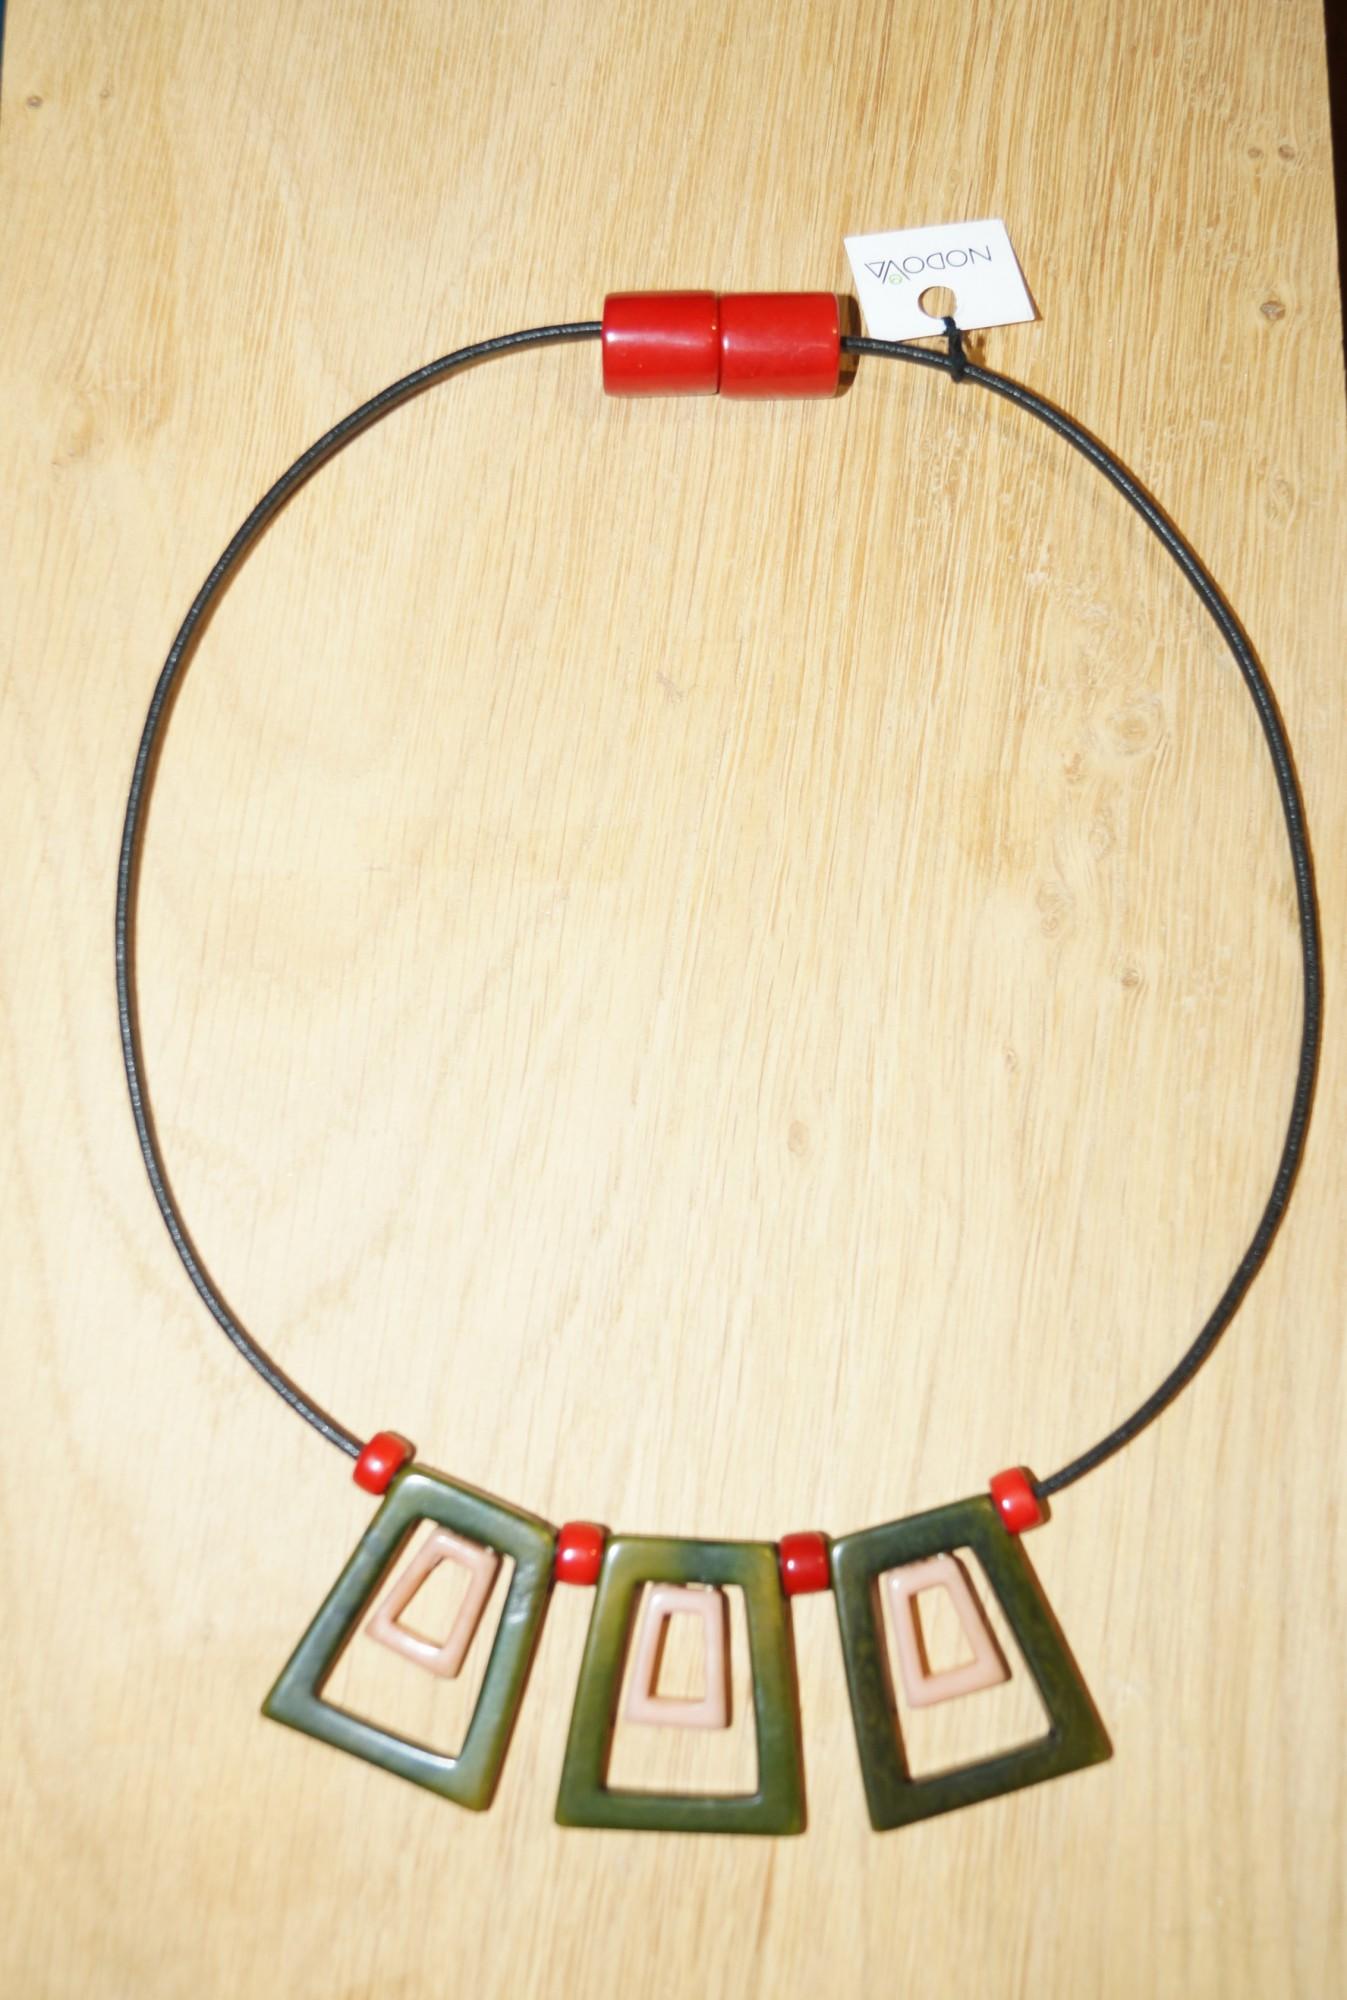 Collier Novoda en ivoire végétal, Knossos trio rosier